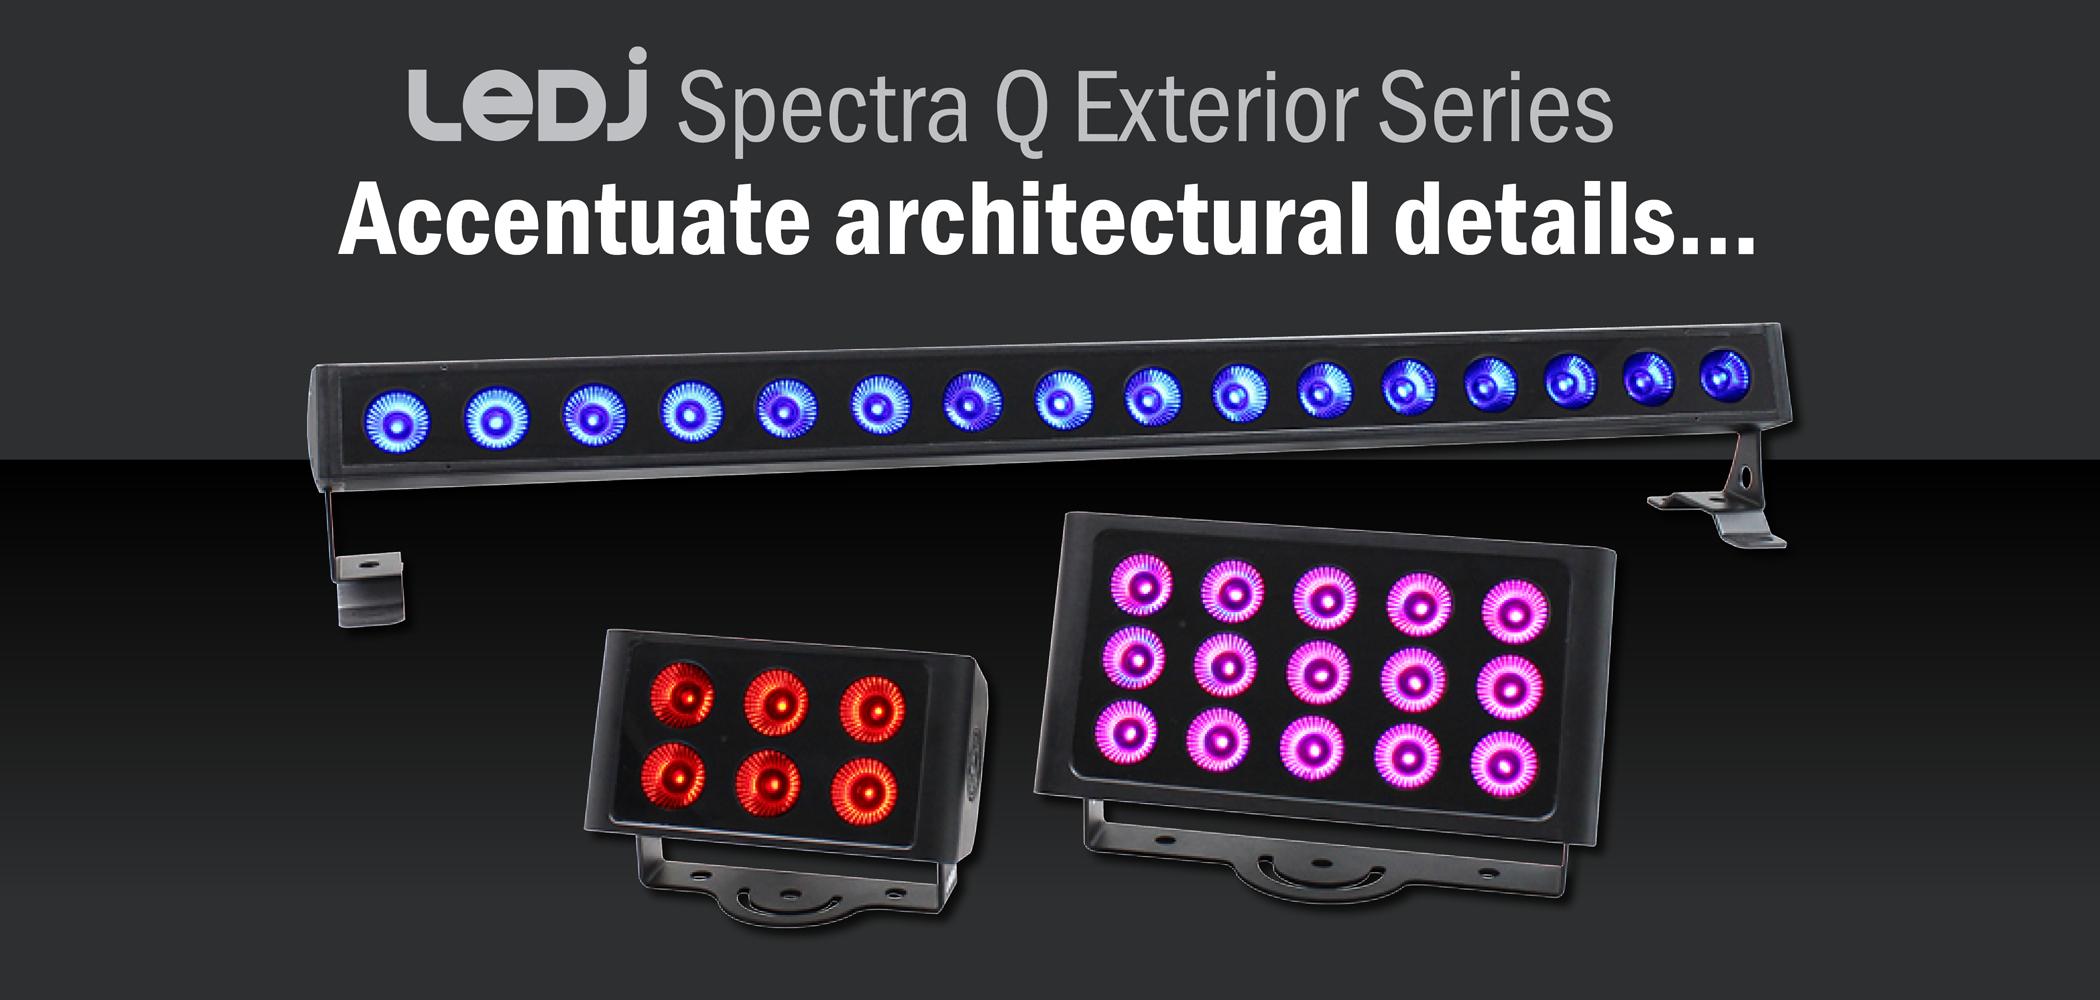 LEDJ Spectra Q Exterior Series